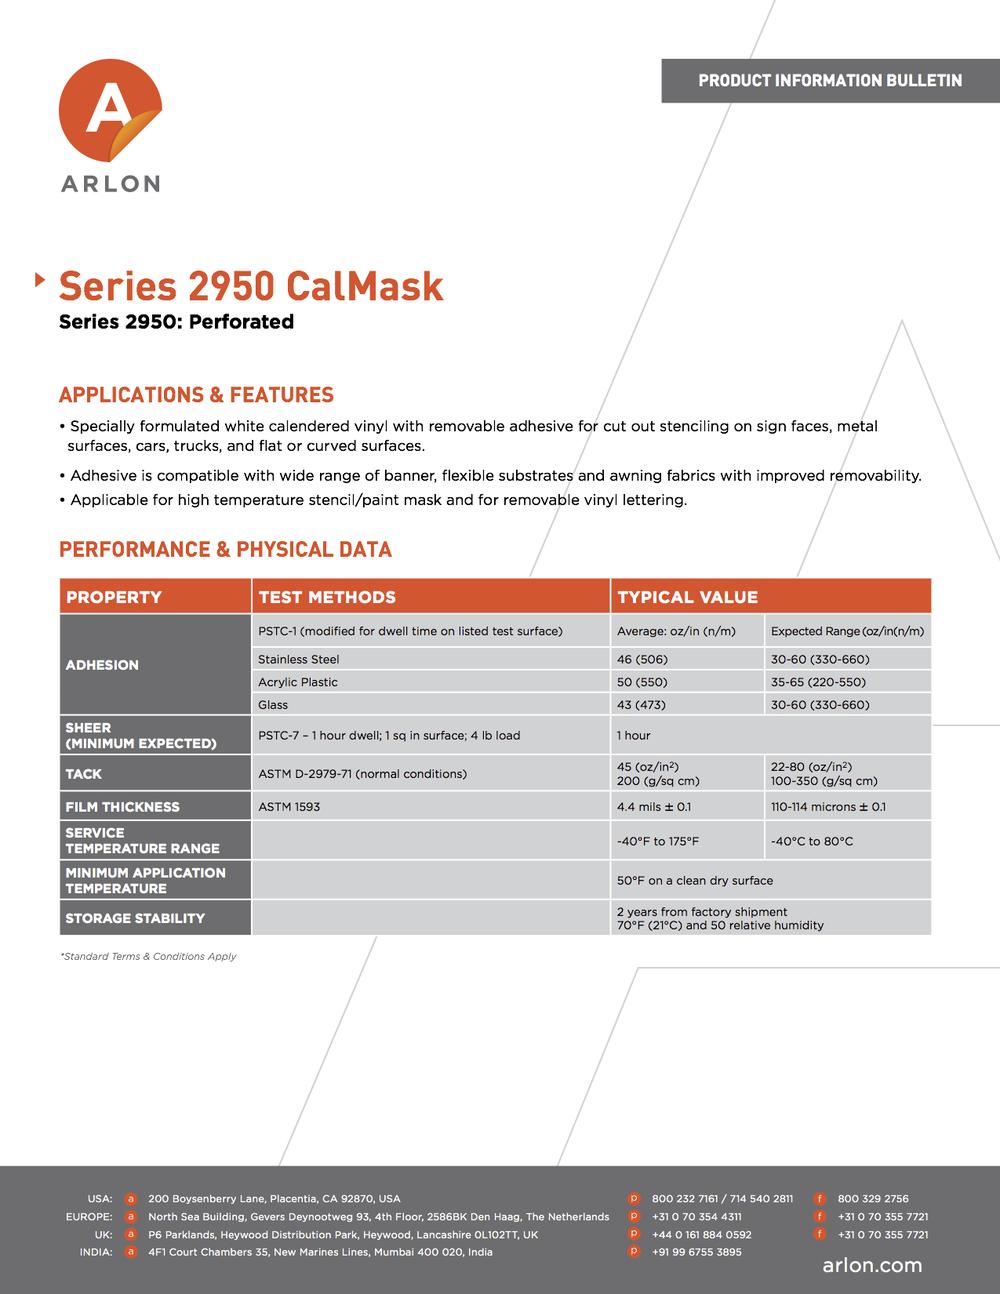 Series 2950 PIB_LR.jpg